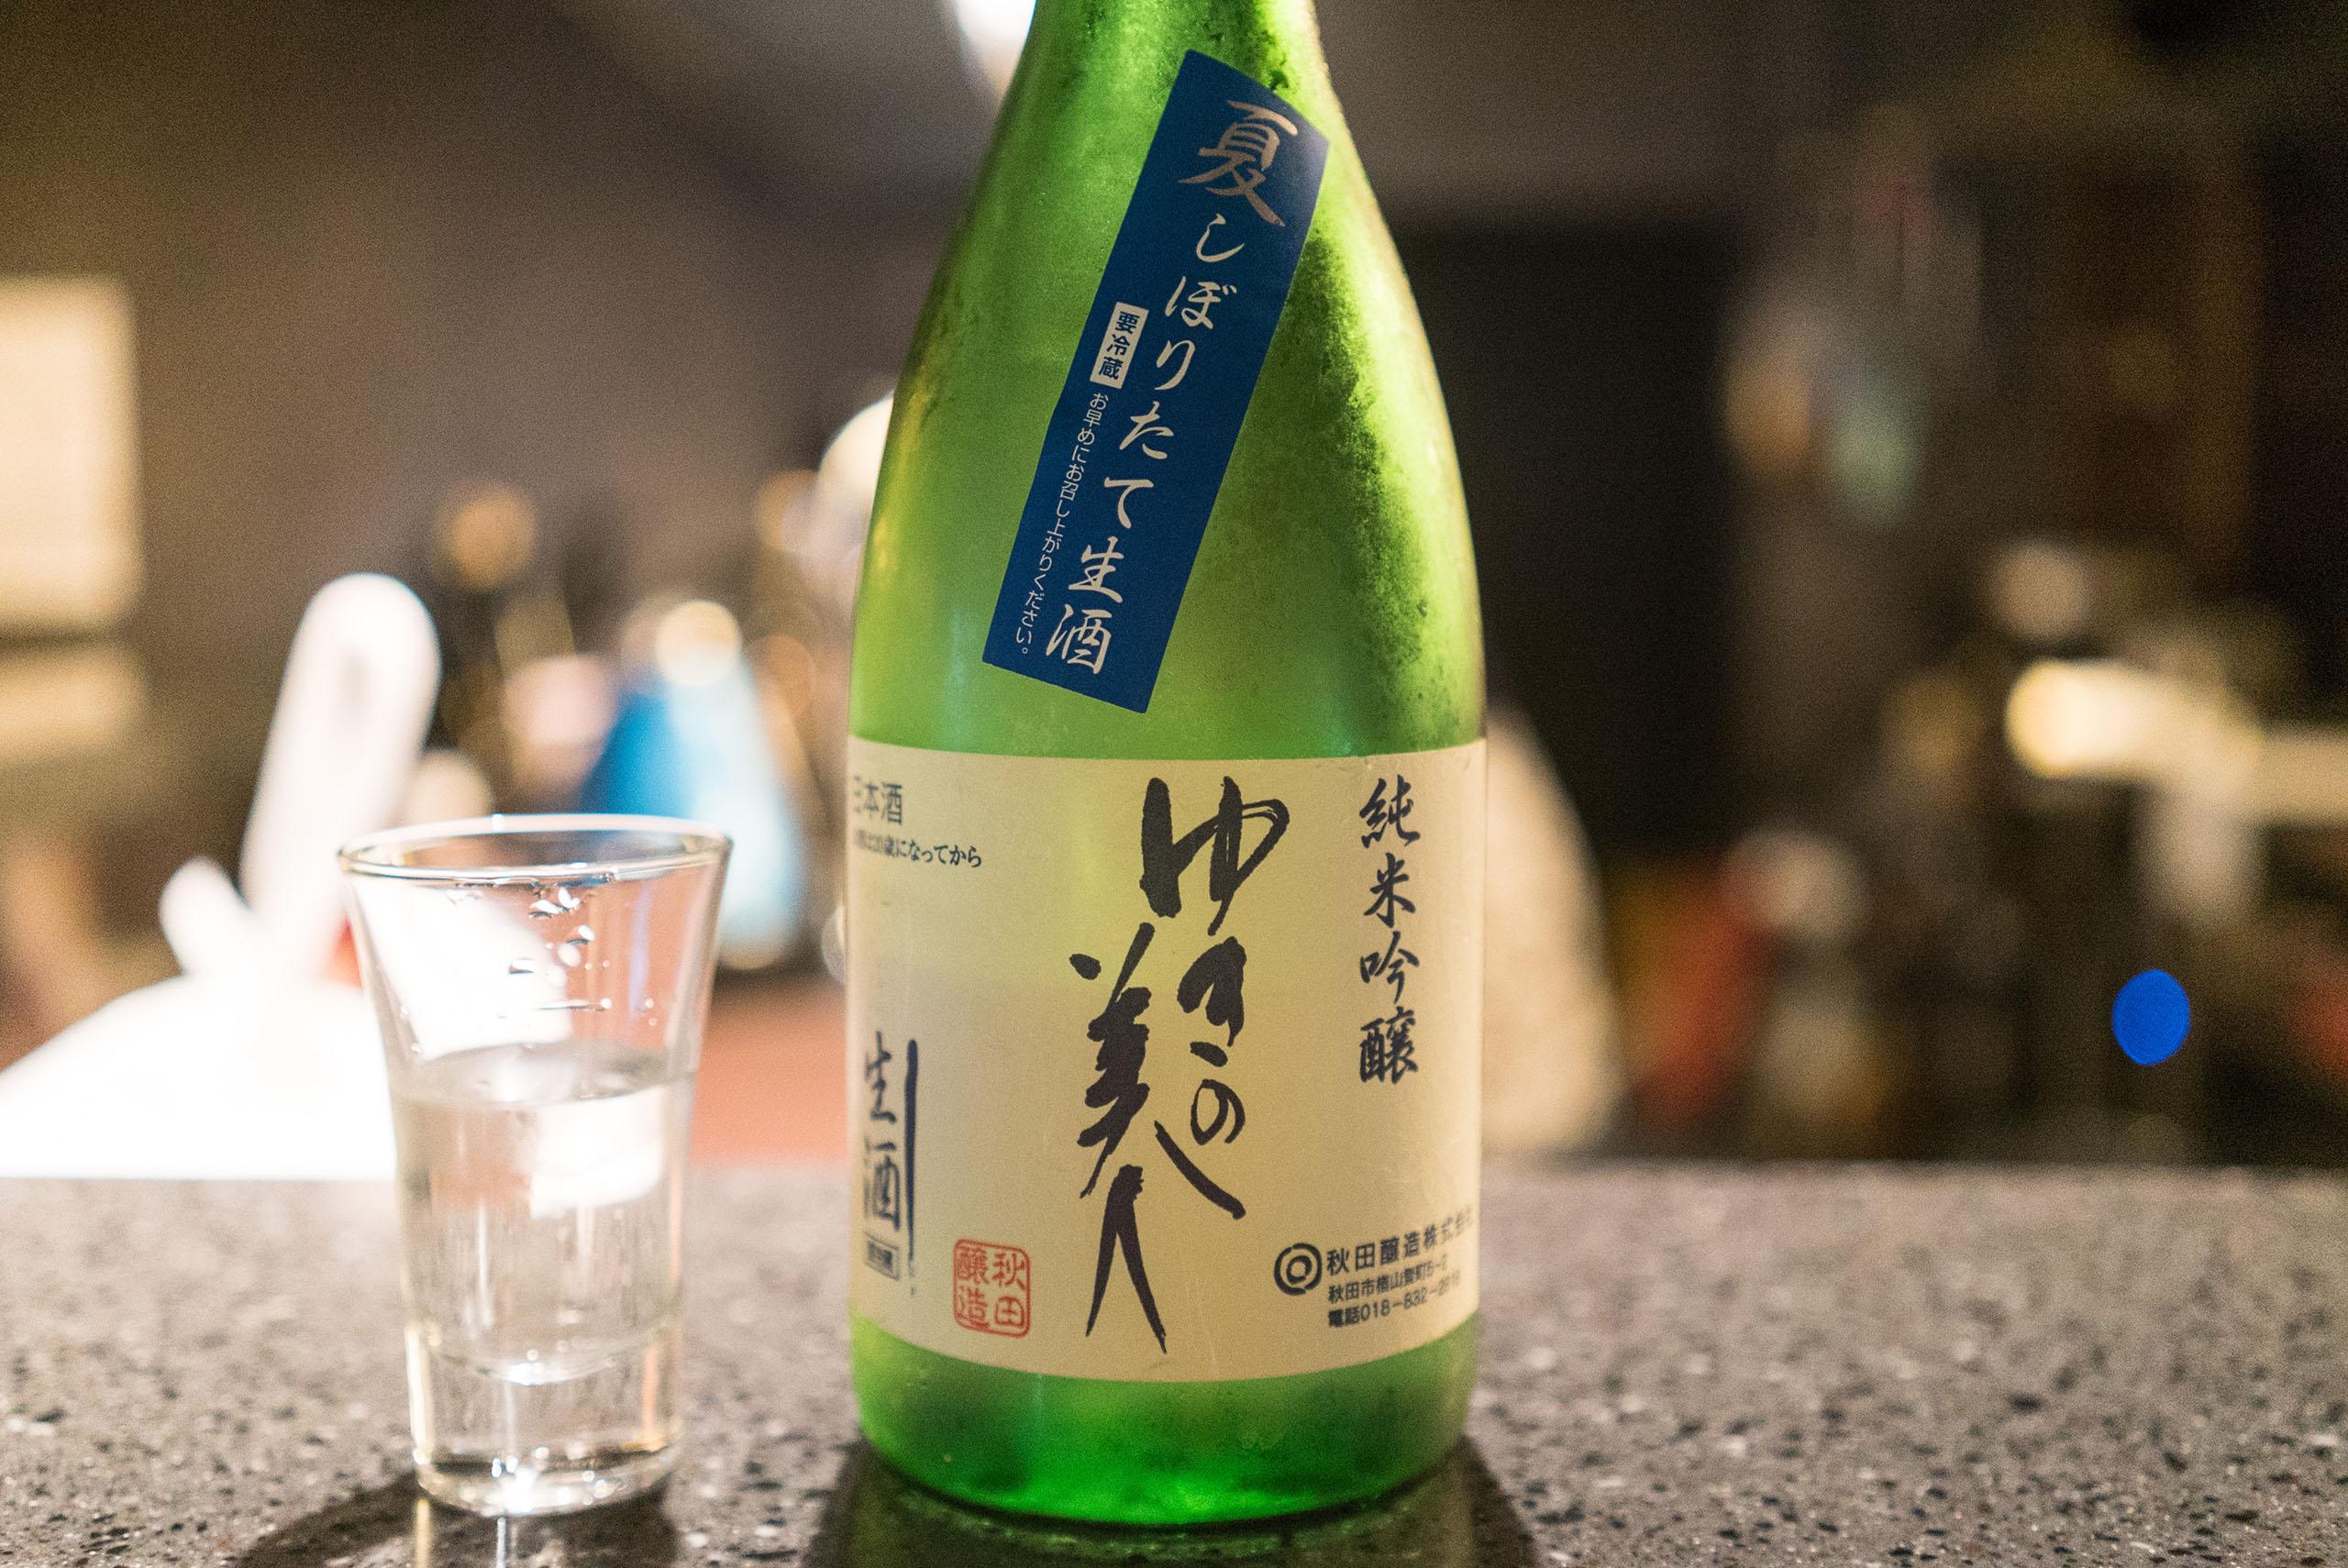 유키노비진 쥰마이긴죠 나츠시보리타테나마자케